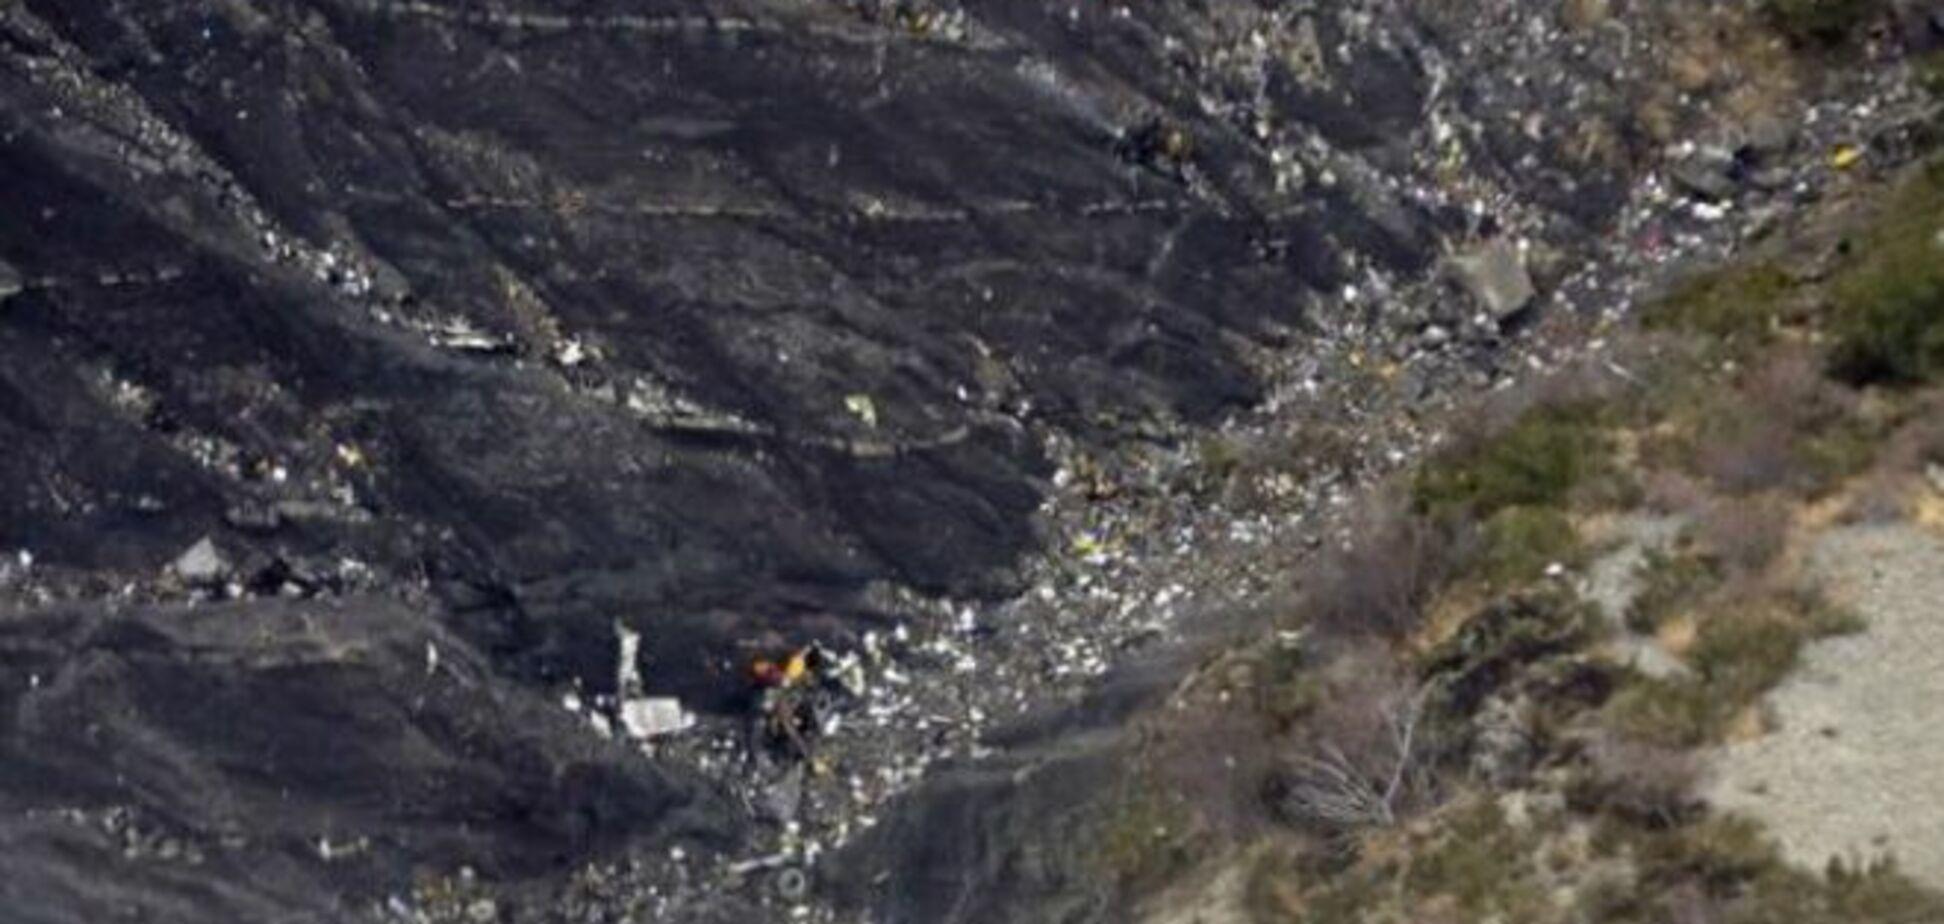 Идентифицированы 78 тел из разбившегося Airbus A320